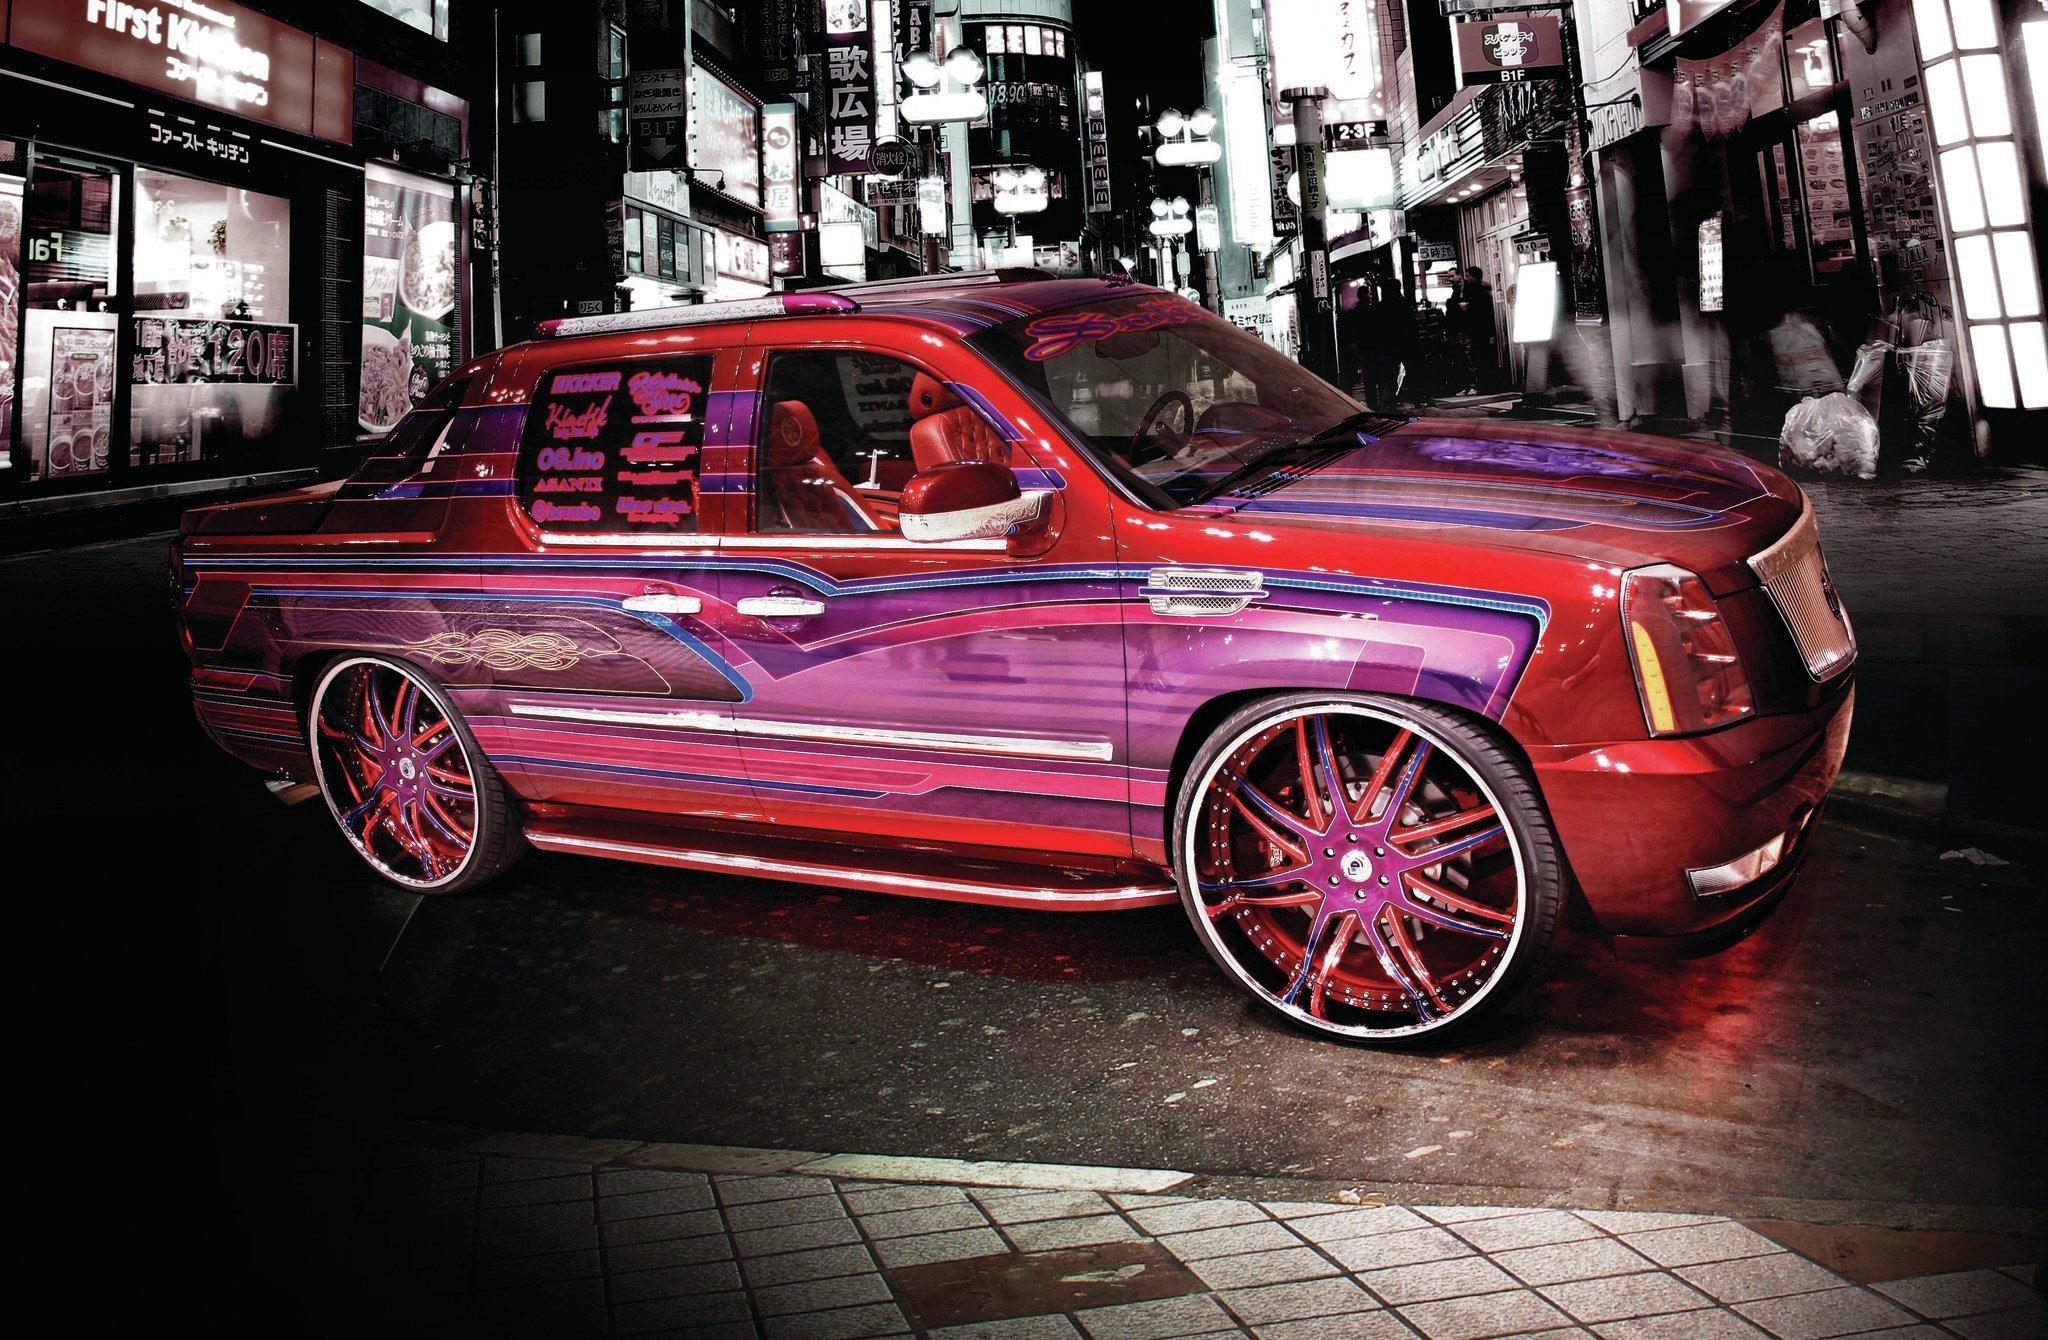 Cadillac Escalade Ext 2017 >> 2008 CADILLAC ESCALADE EXT custom suv truck tuning hot rods rod gangsta lowrider wallpaper ...